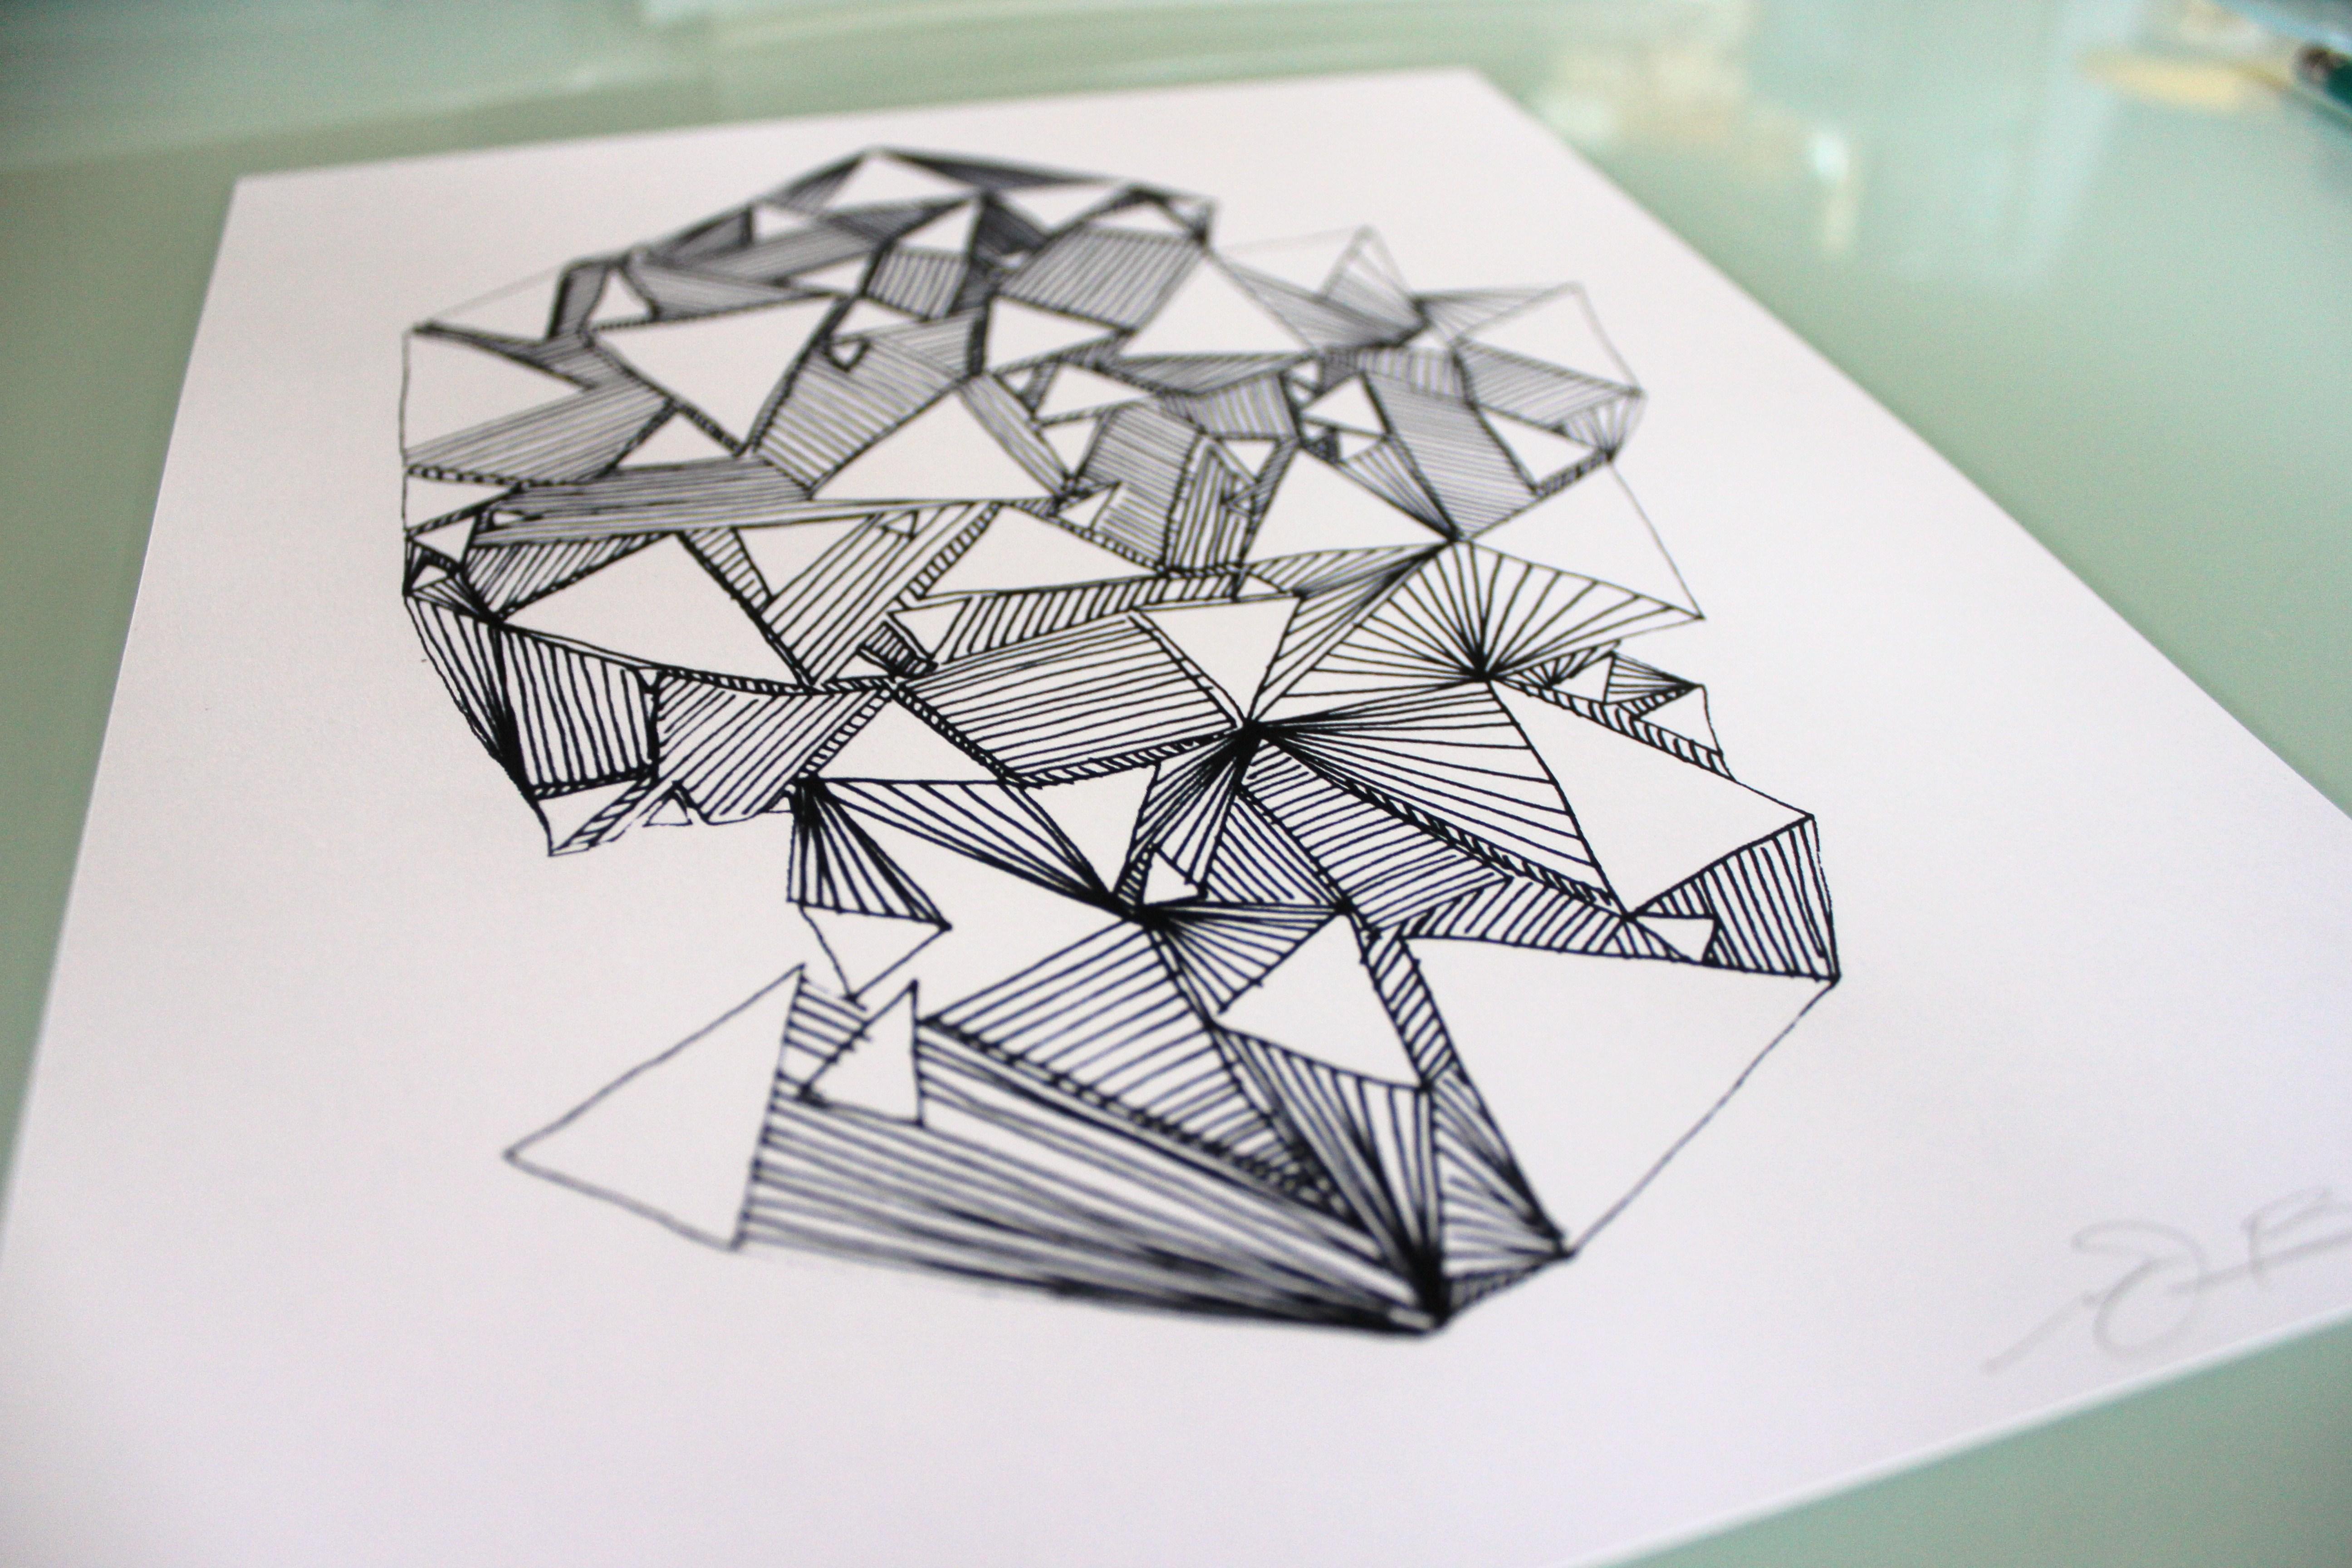 Gallery For gt Simple Indie Drawings